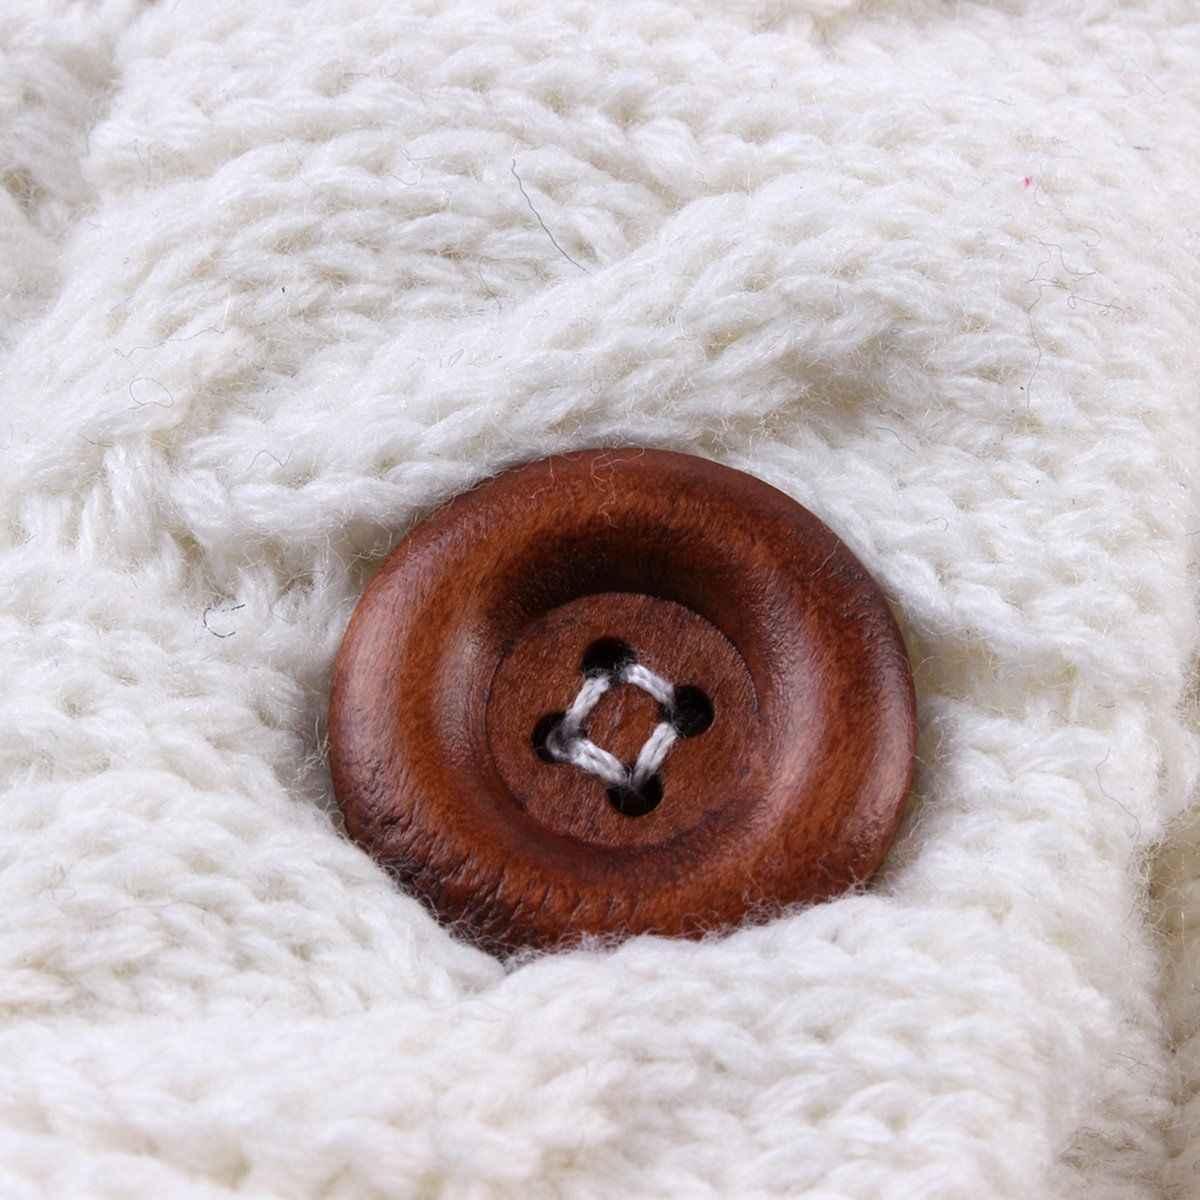 Sacos de dormir calientes de invierno para bebés recién nacidos, botoncillos de punto, envolver, envolver cochecito, envolver, manta para niños, sacos de dormir